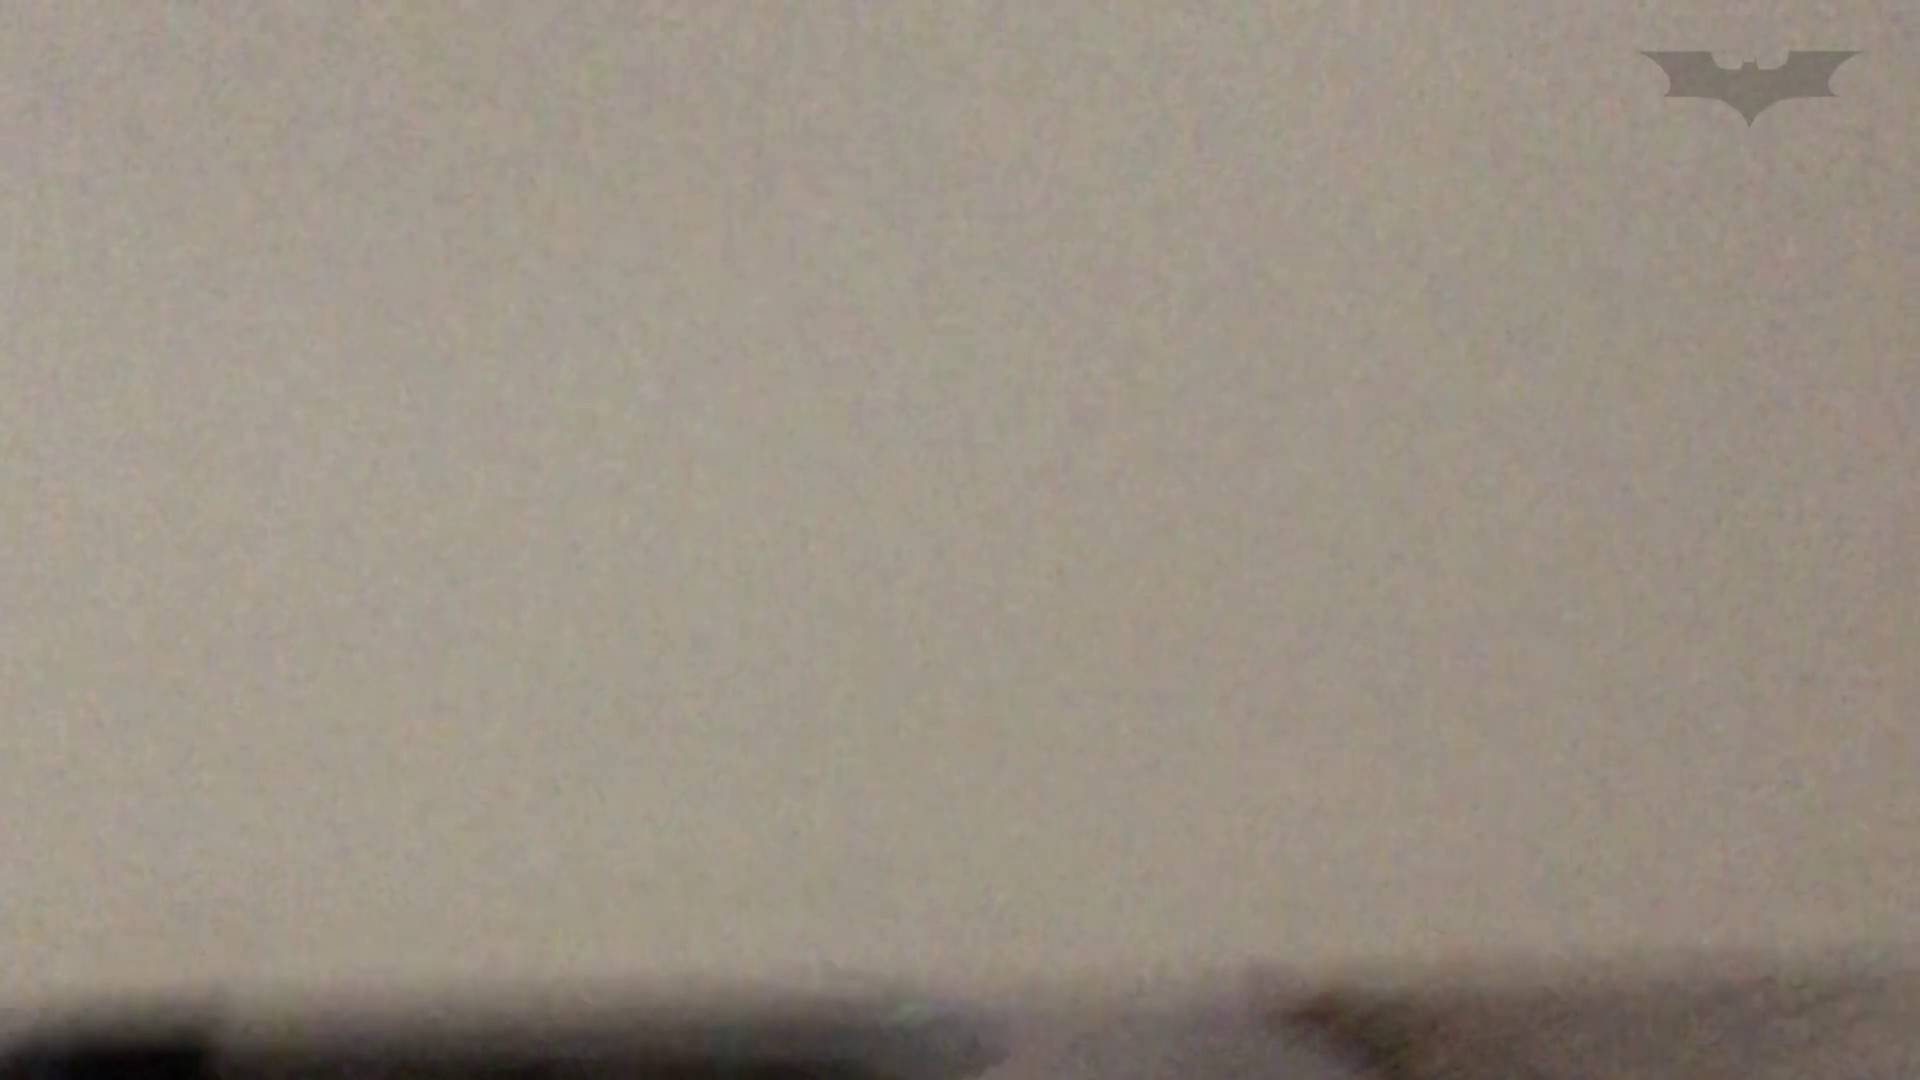 芸術大学ガチ潜入盗撮 JD盗撮 美女の洗面所の秘密 Vol.108 色っぽいOL達 セックス画像 95pic 80